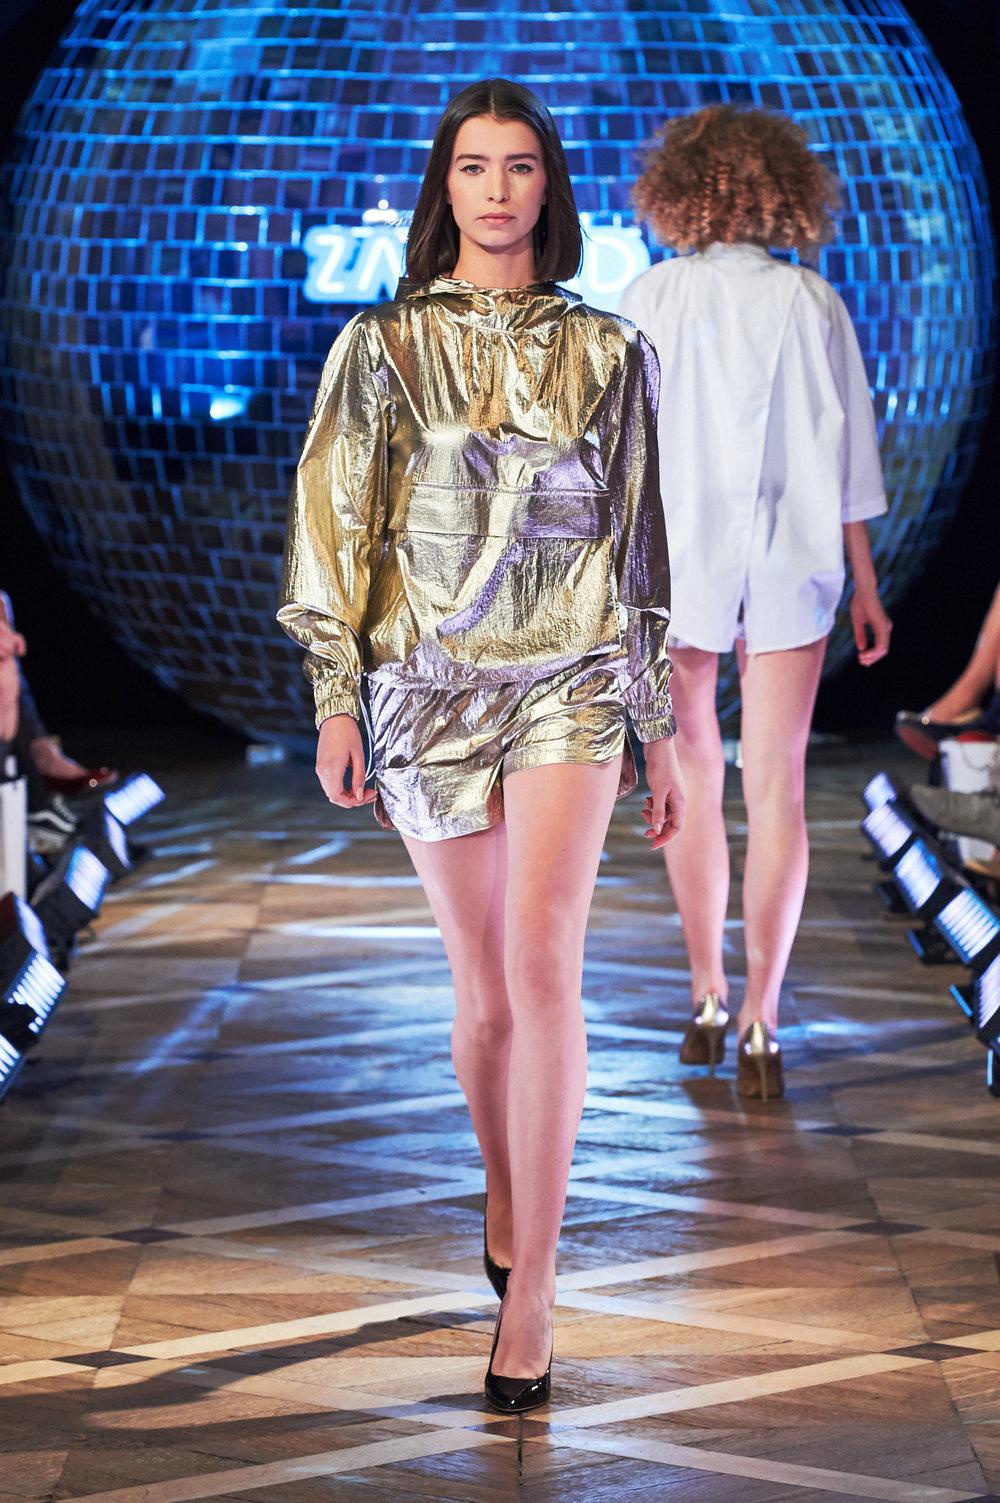 32_ZAQUAD_090519_lowres-fotFilipOkopny-FashionImages.jpg